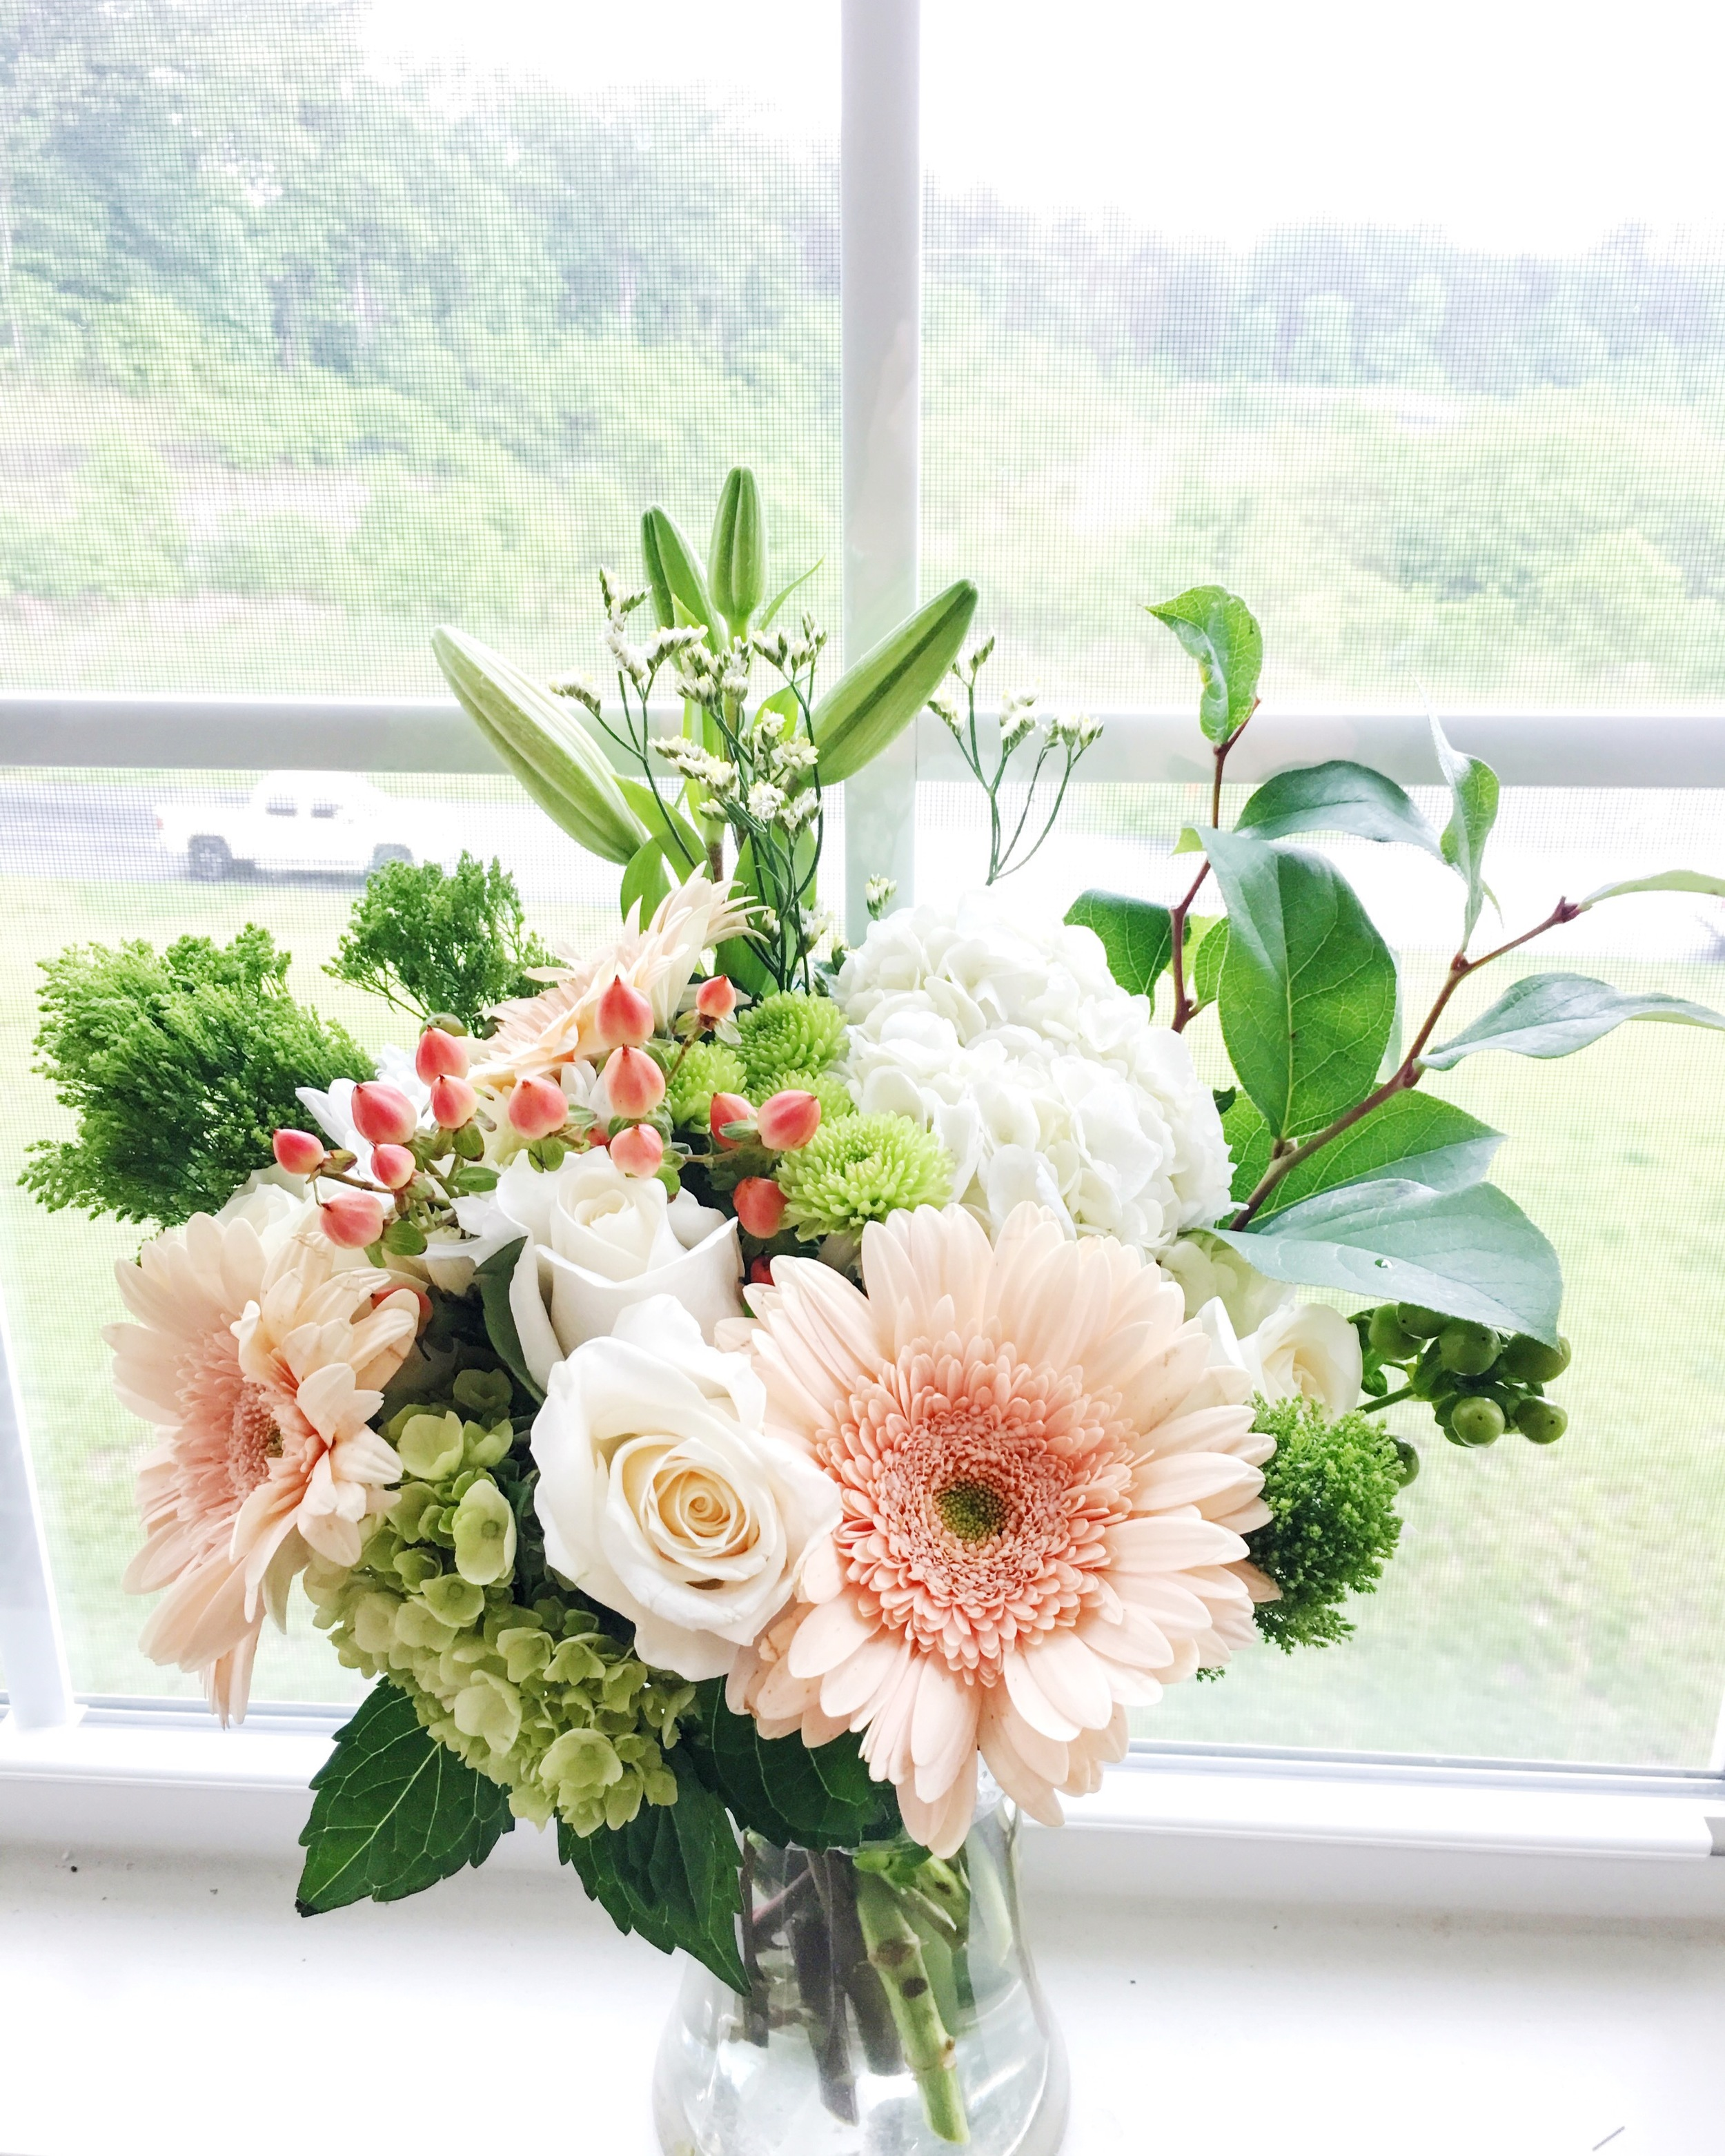 original bouquet I arranged